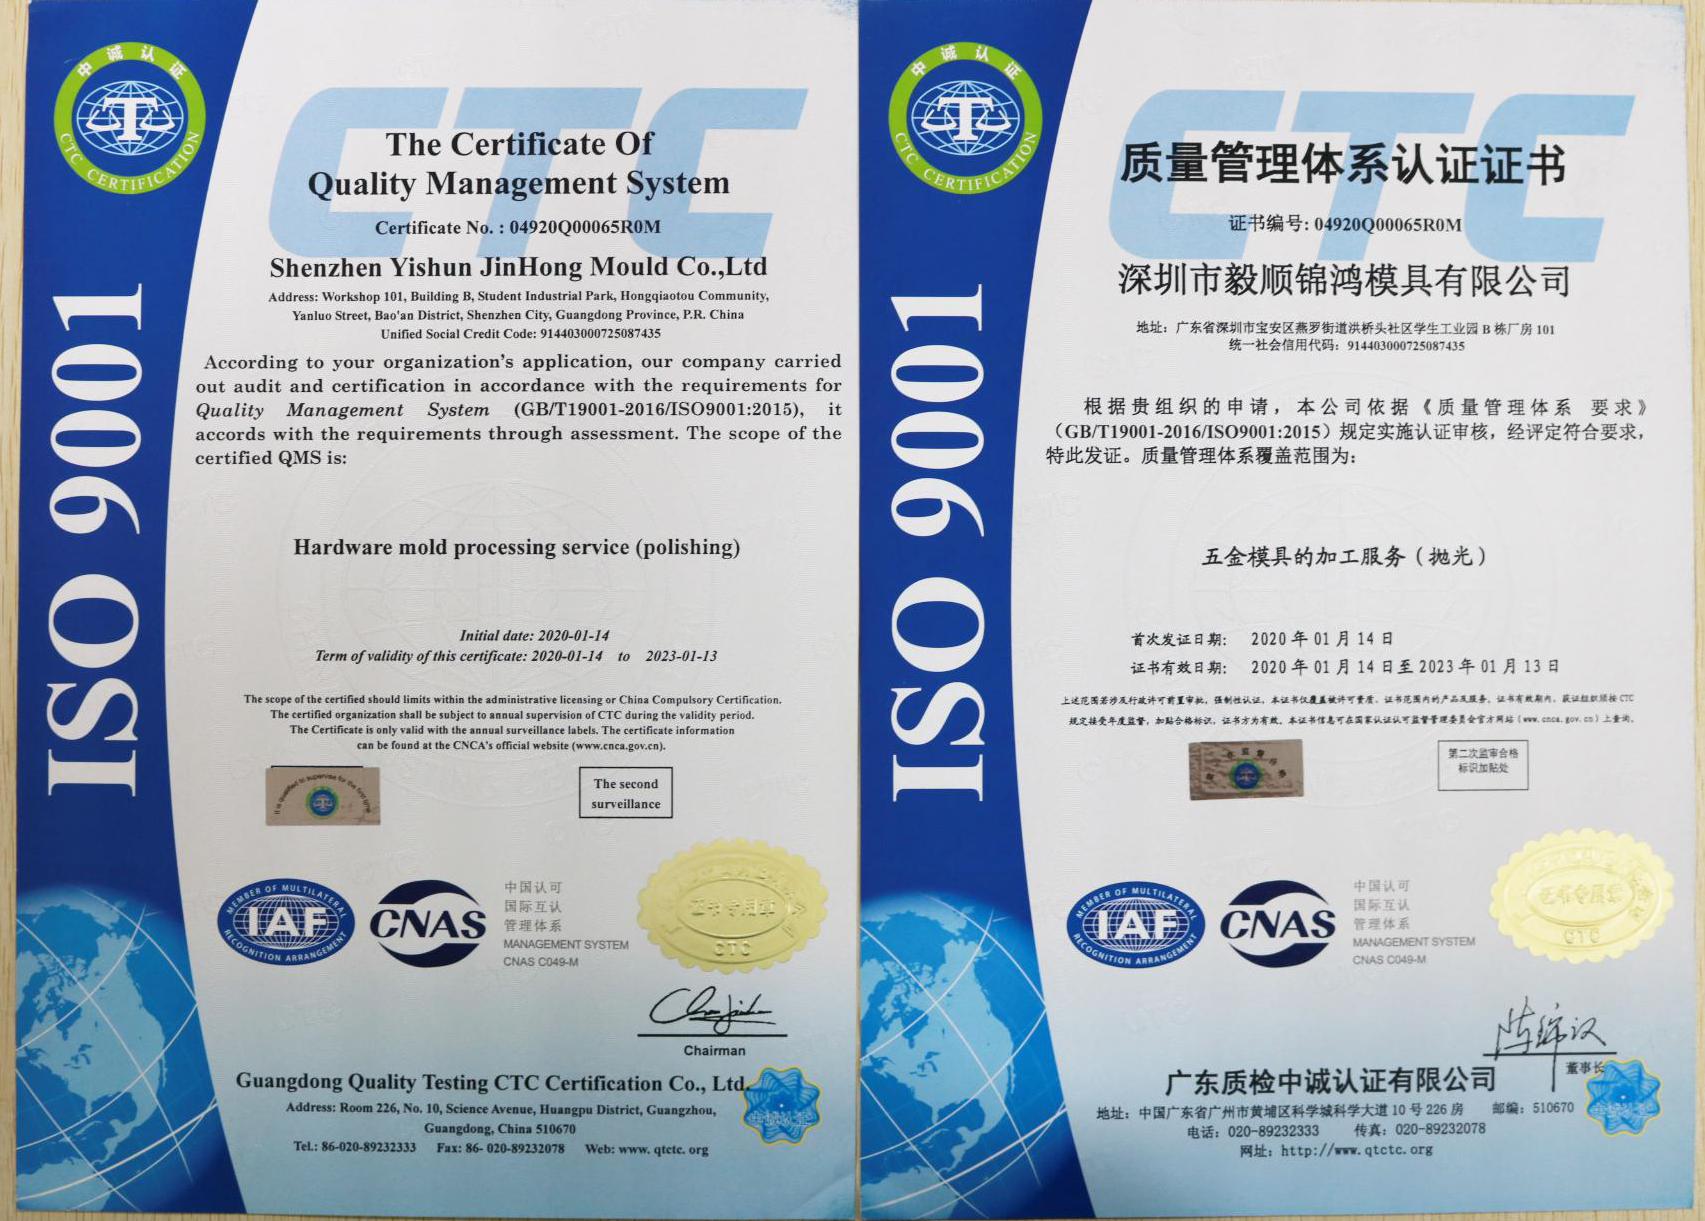 毅顺-质量管理体系认证证书